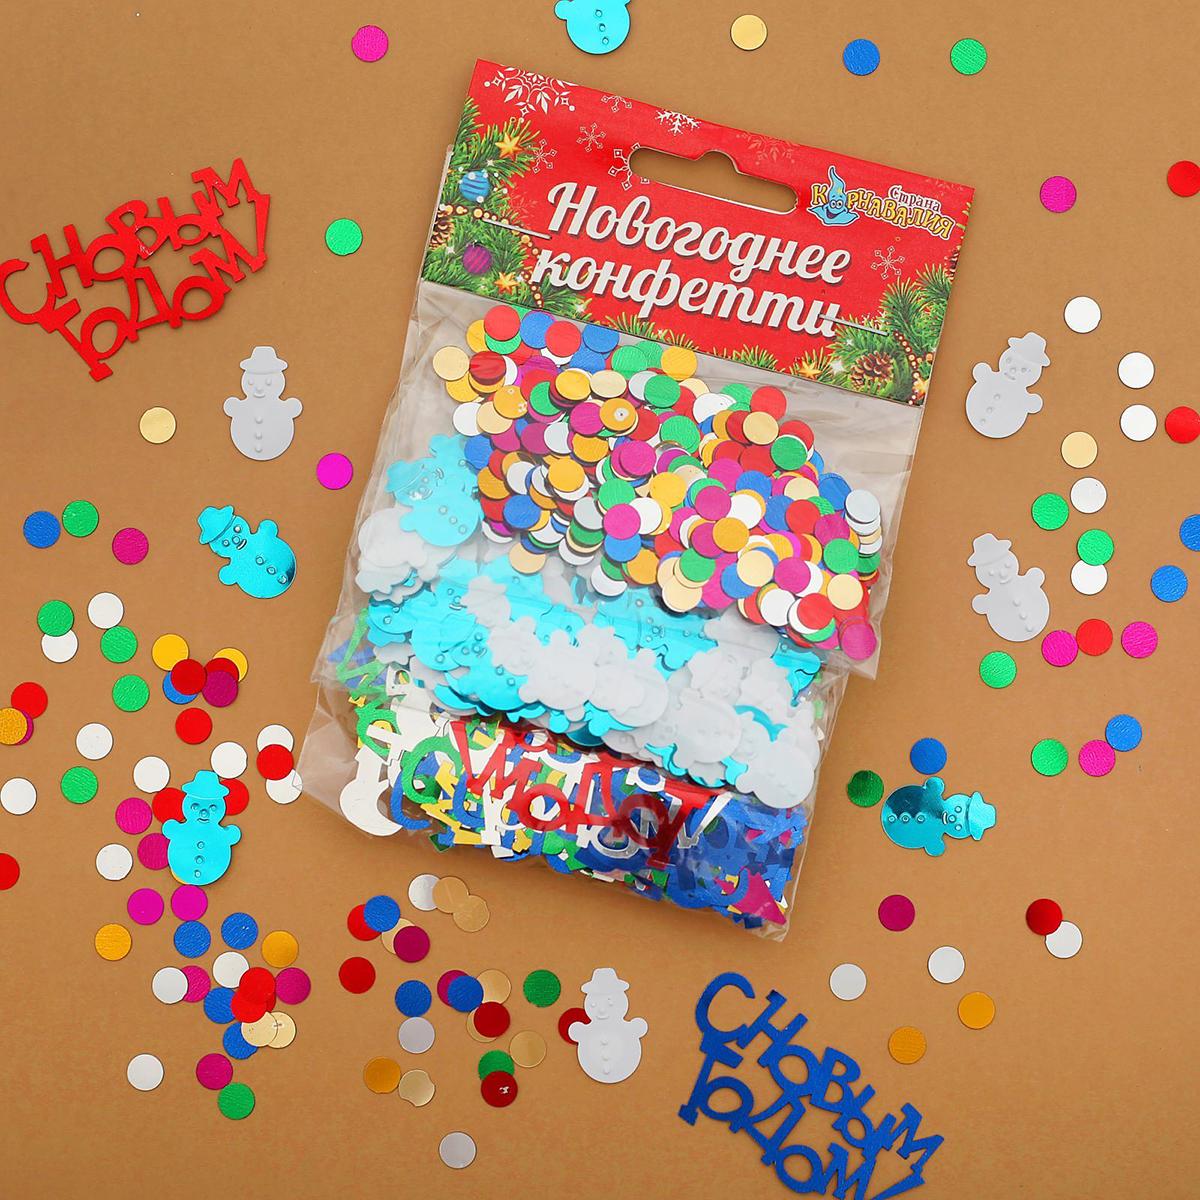 Набор конфетти Страна Карнавалия С Новым годом. Снеговик, 3 шт1130187Яркое конфетти создаст неповторимую атмосферу карнавала! Красочные фигурки станут эффектной точкой вашего выступления или поздравления. Наберите их в ладони и в ключевой момент подбросьте вверх. Они окутают всех вокруг разноцветным облачком. Компактный пакетик можно взять с собой куда угодно. С этим атрибутом легко произвести фурор на любой вечеринке или привнести нотку праздника в обычные дни.